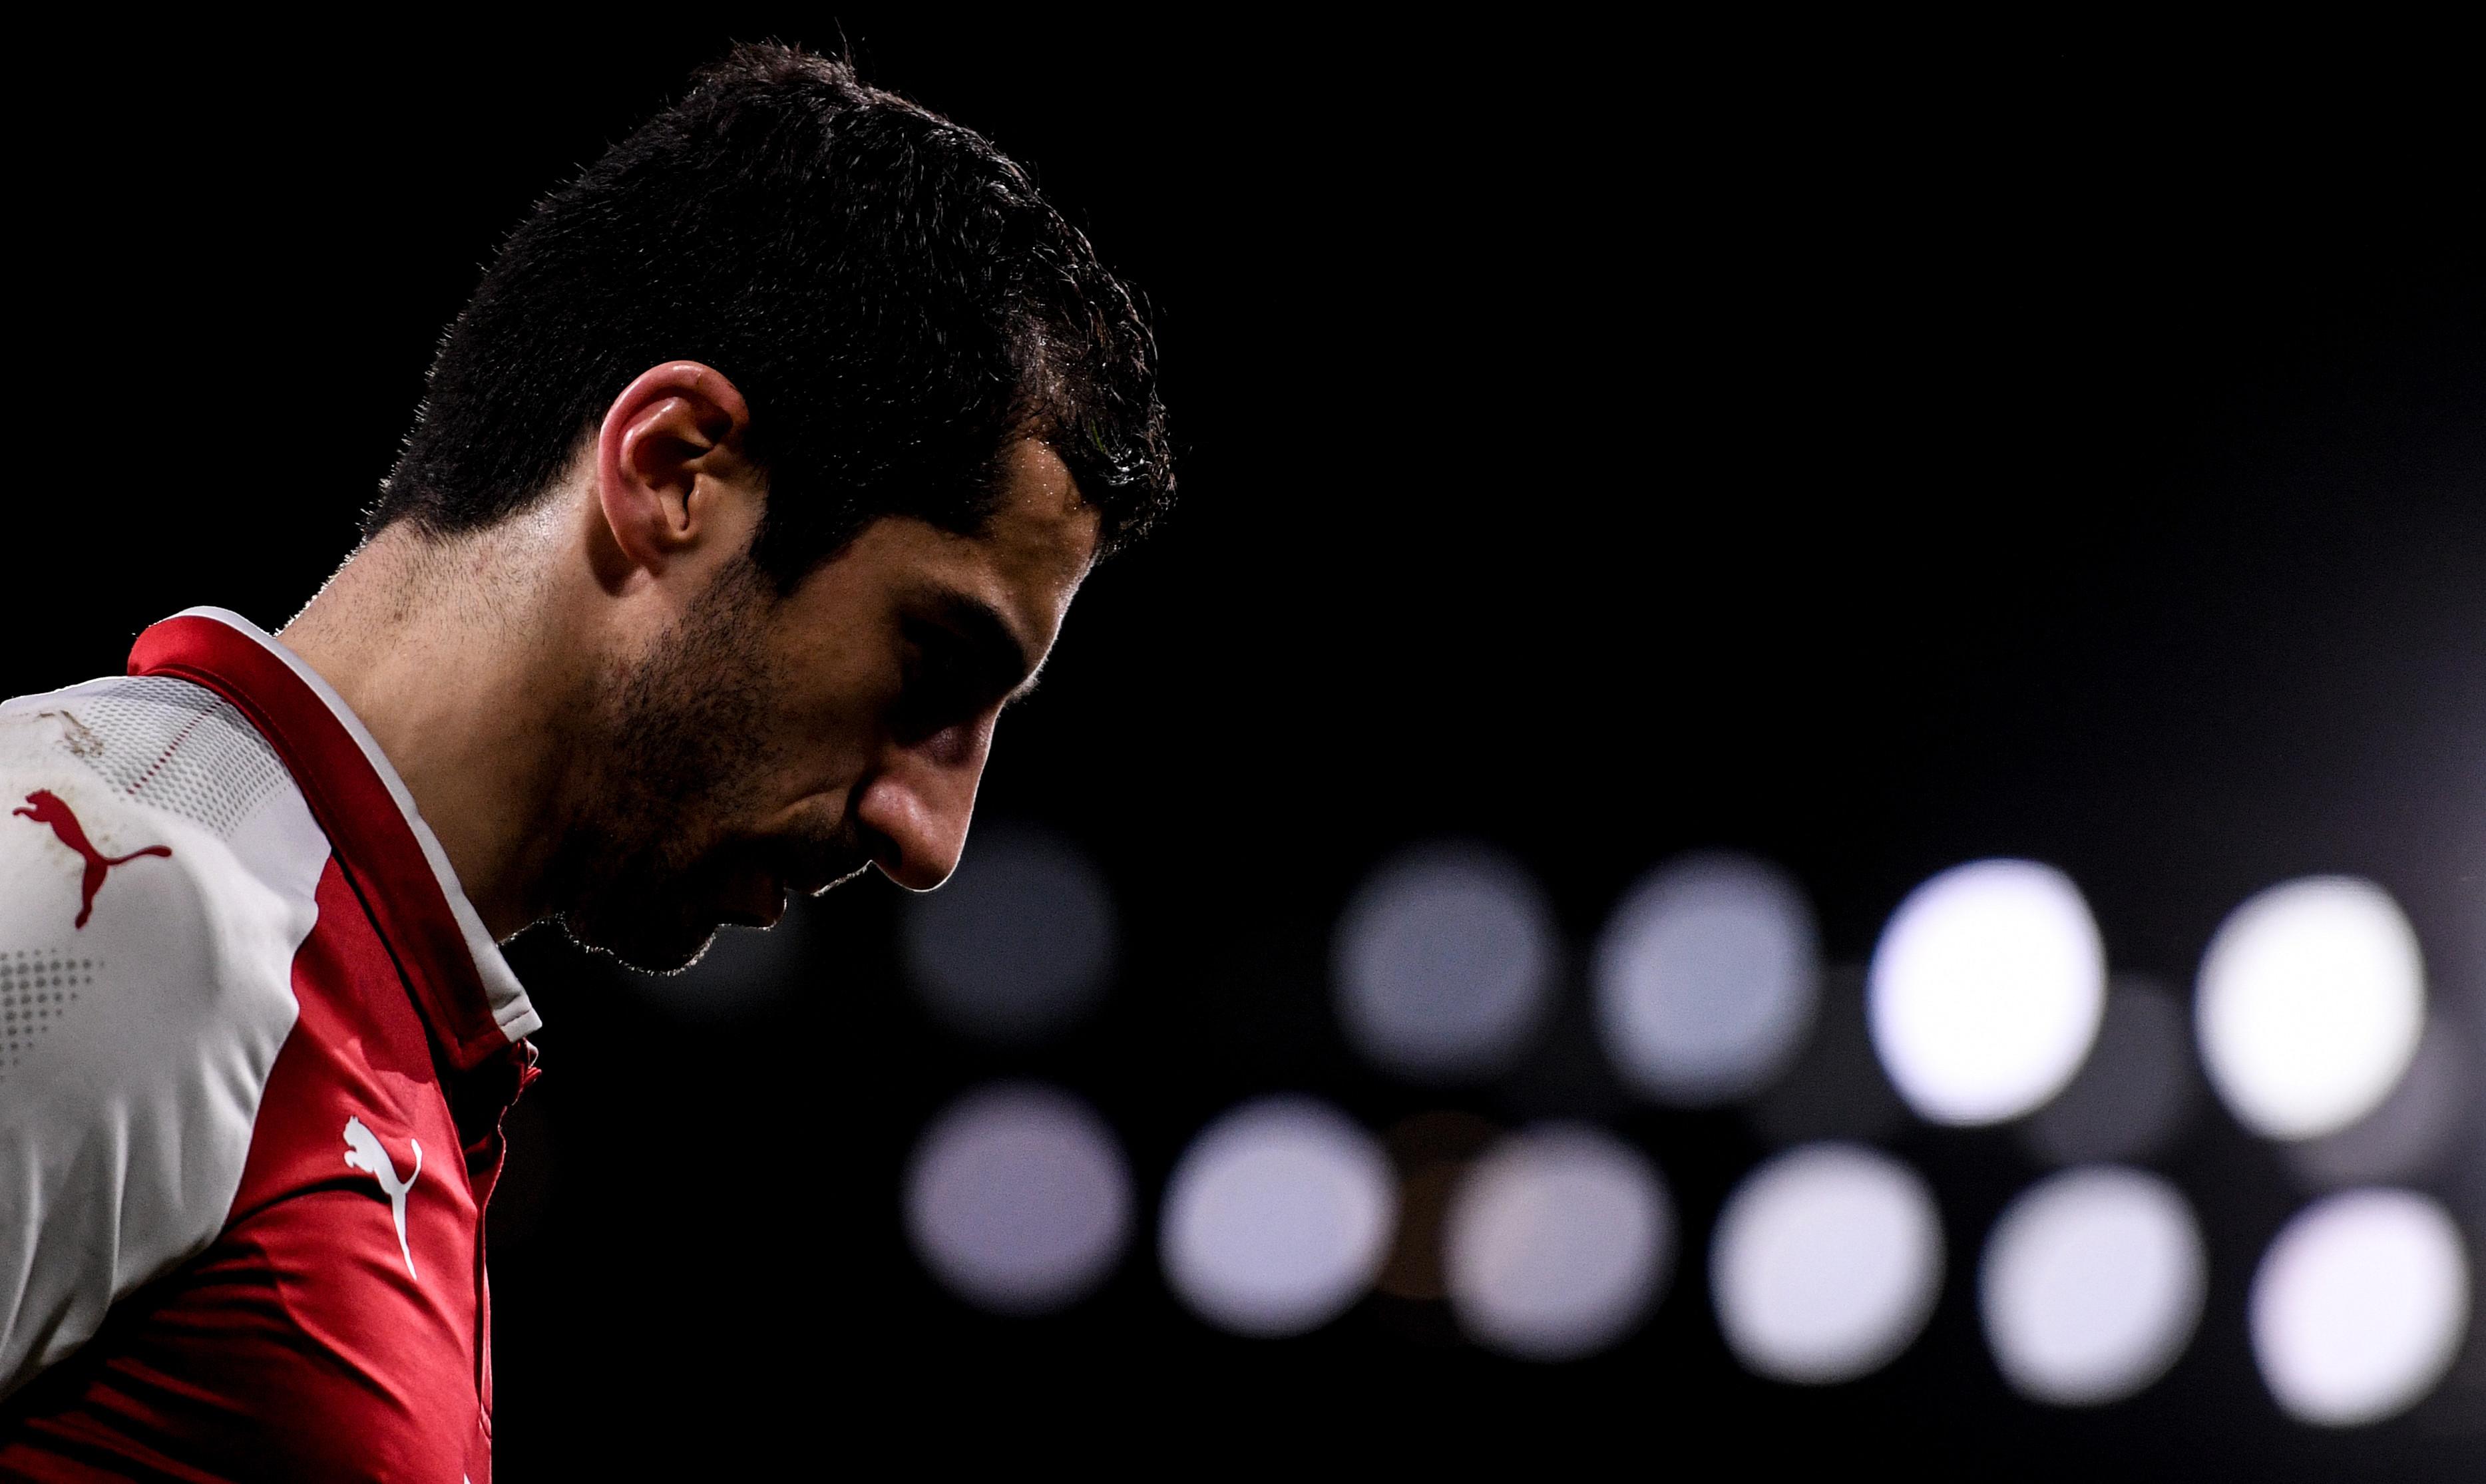 """Футболист """"Арсенала"""" Генрих Мхитарян. Фото © РИА """"Новости"""" / Алексей Филиппов"""